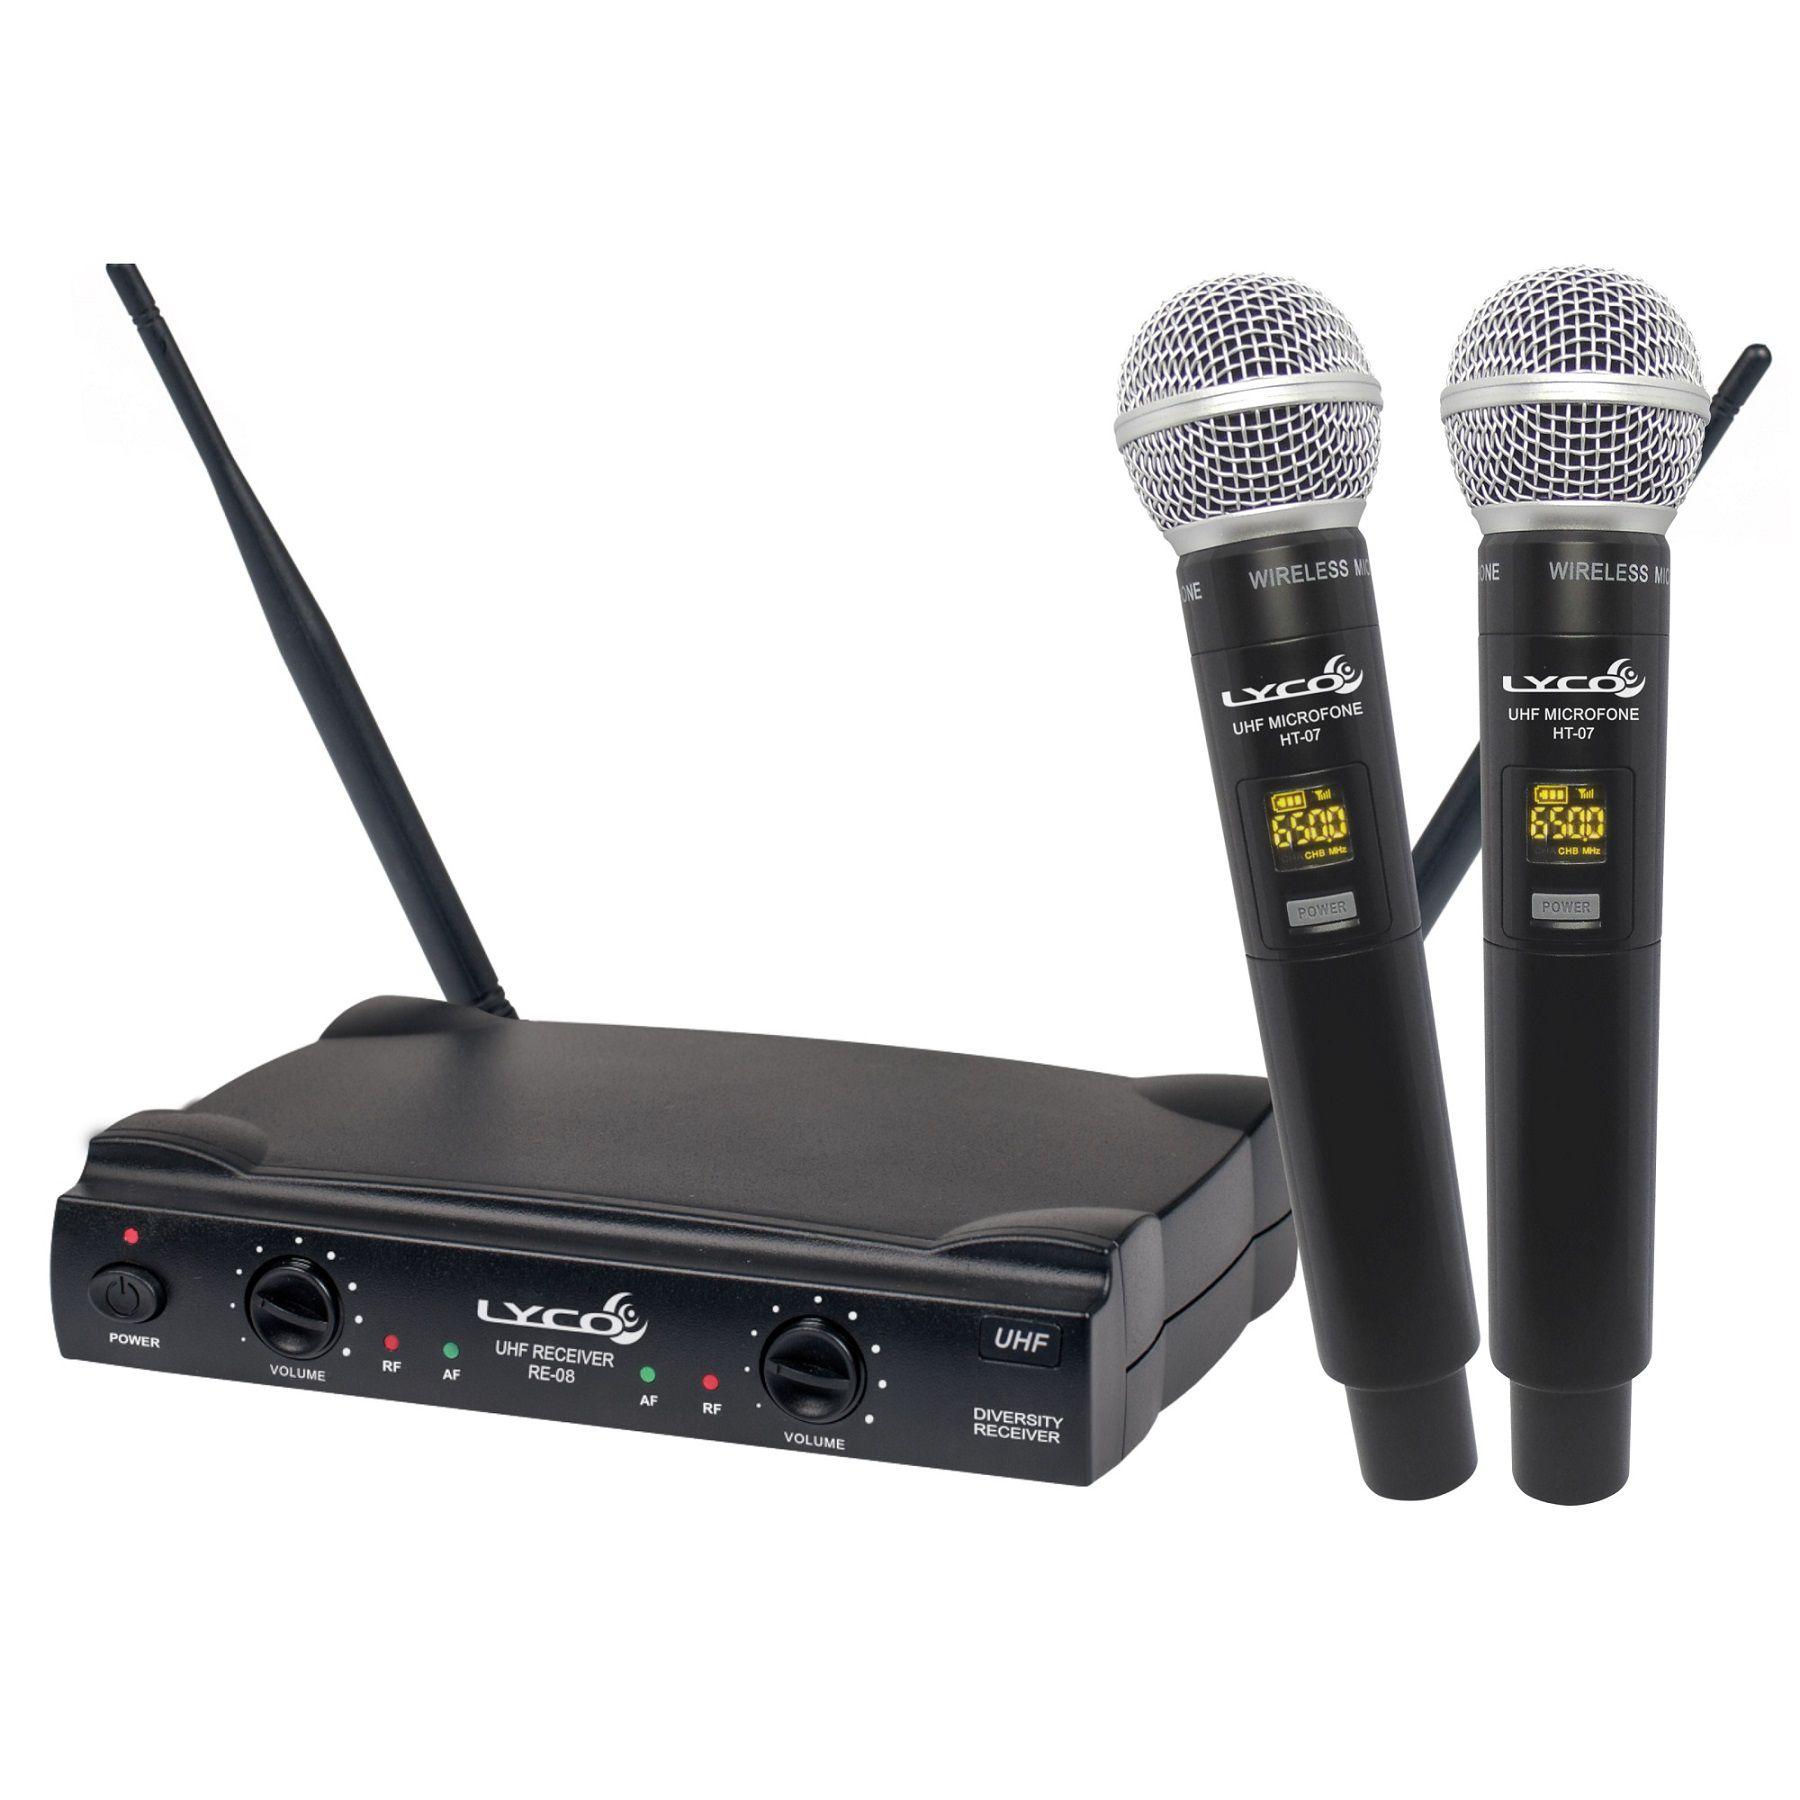 Microfone Sem Fio Lyco Mao Duplo Uh08Mm 52 Canais Uhf